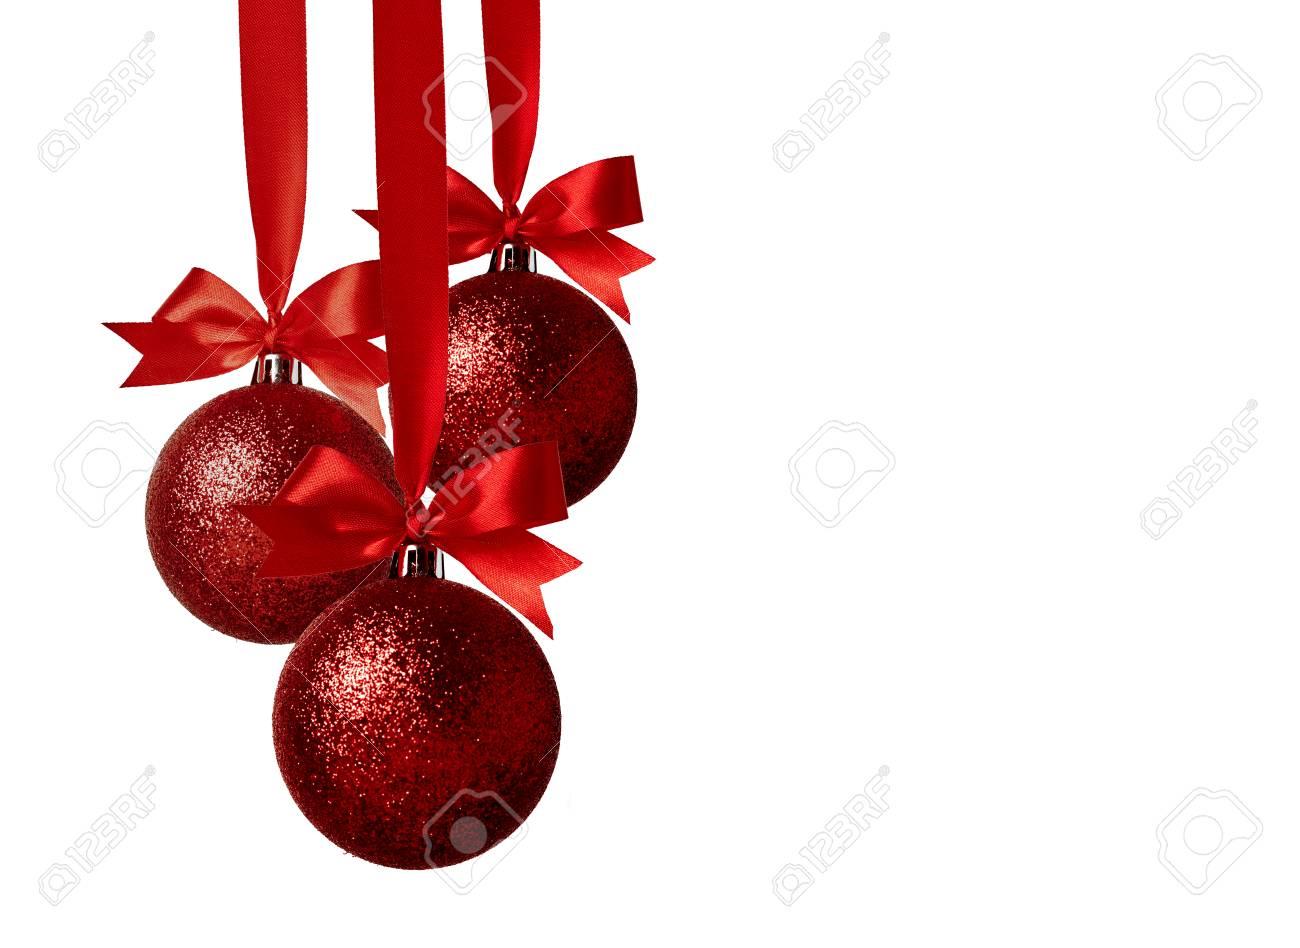 Imagenes Lazos De Navidad.Decoracion De Navidad Con Lazos Aislados Sobre Fondo Blanco